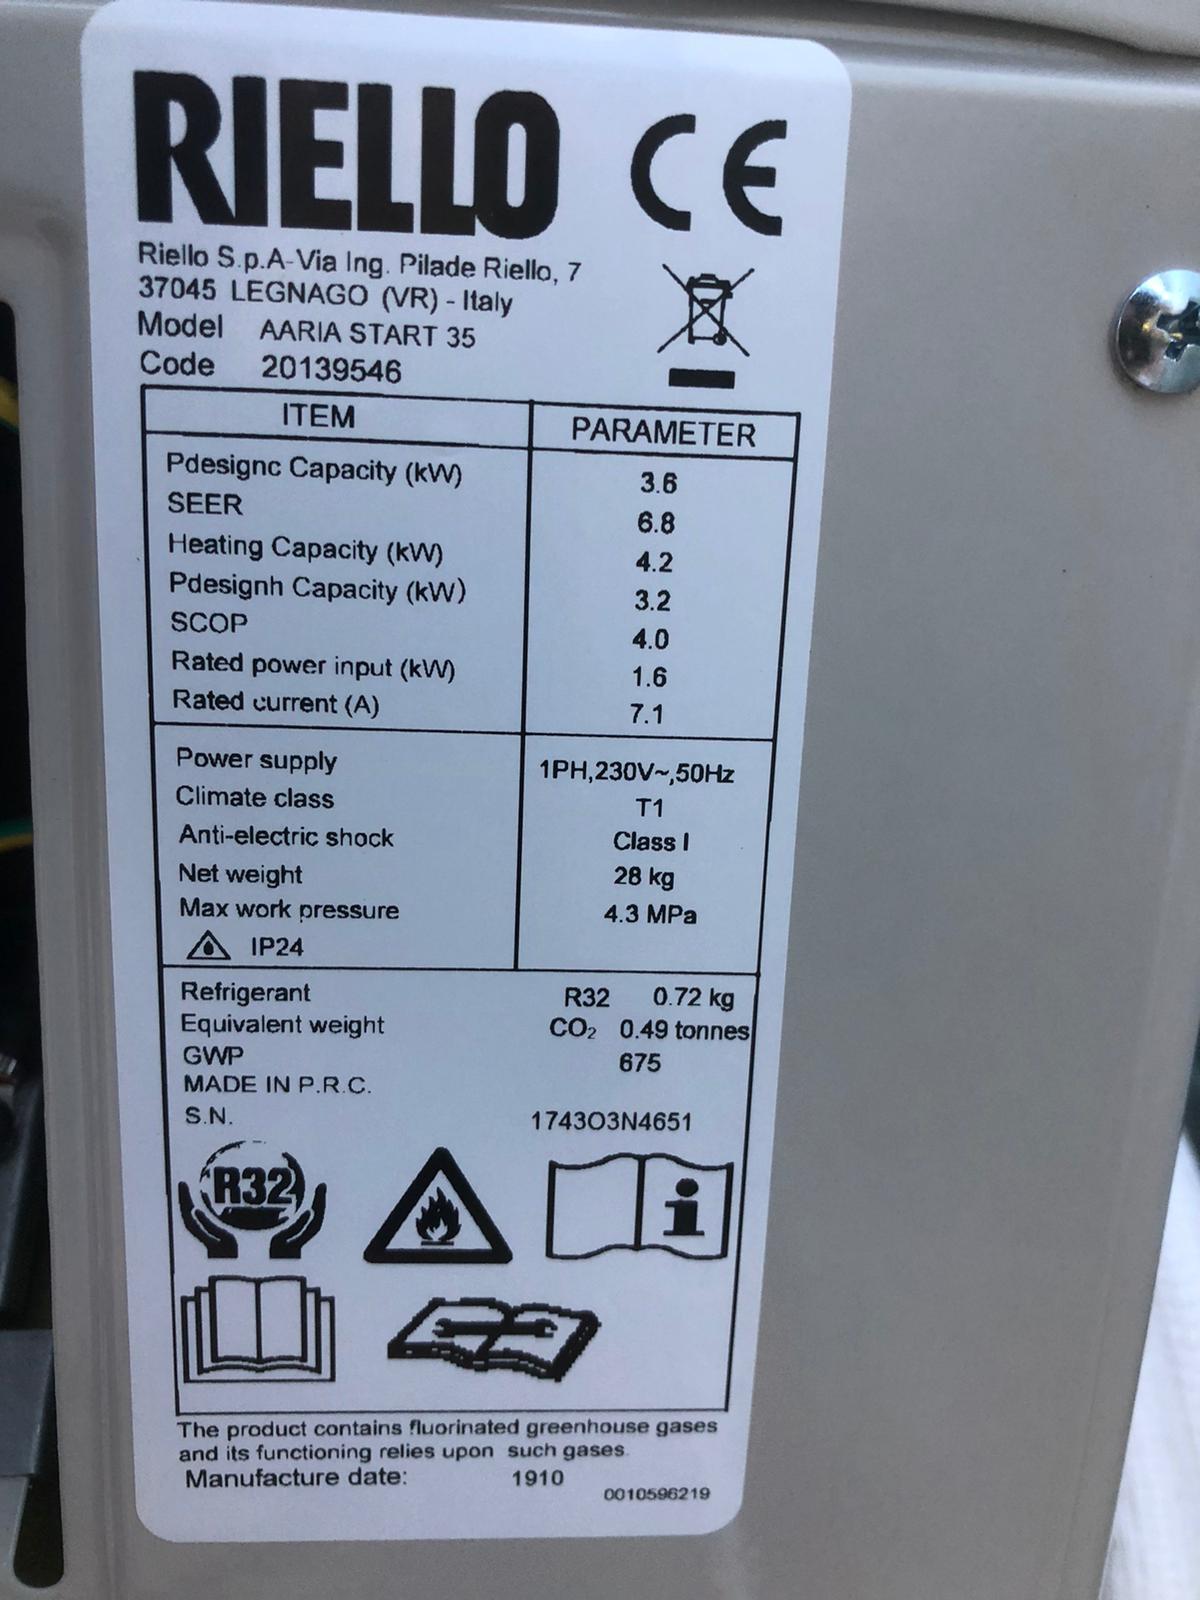 Il nostro Riello installato al signor Palermo è 12000 BTU doppio inverter caldo freddo - Riello